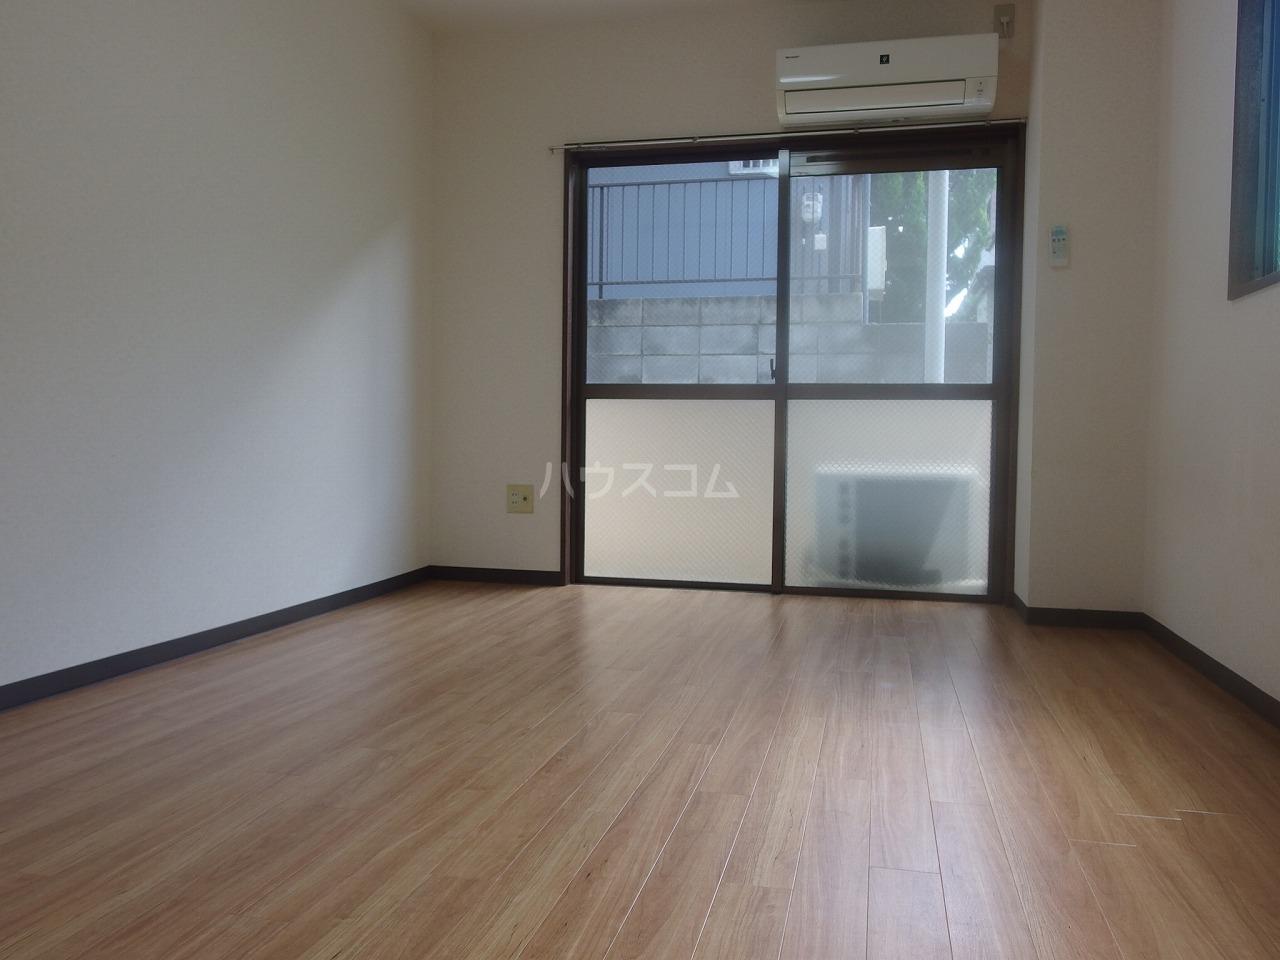 コートニュータウン 105号室の居室